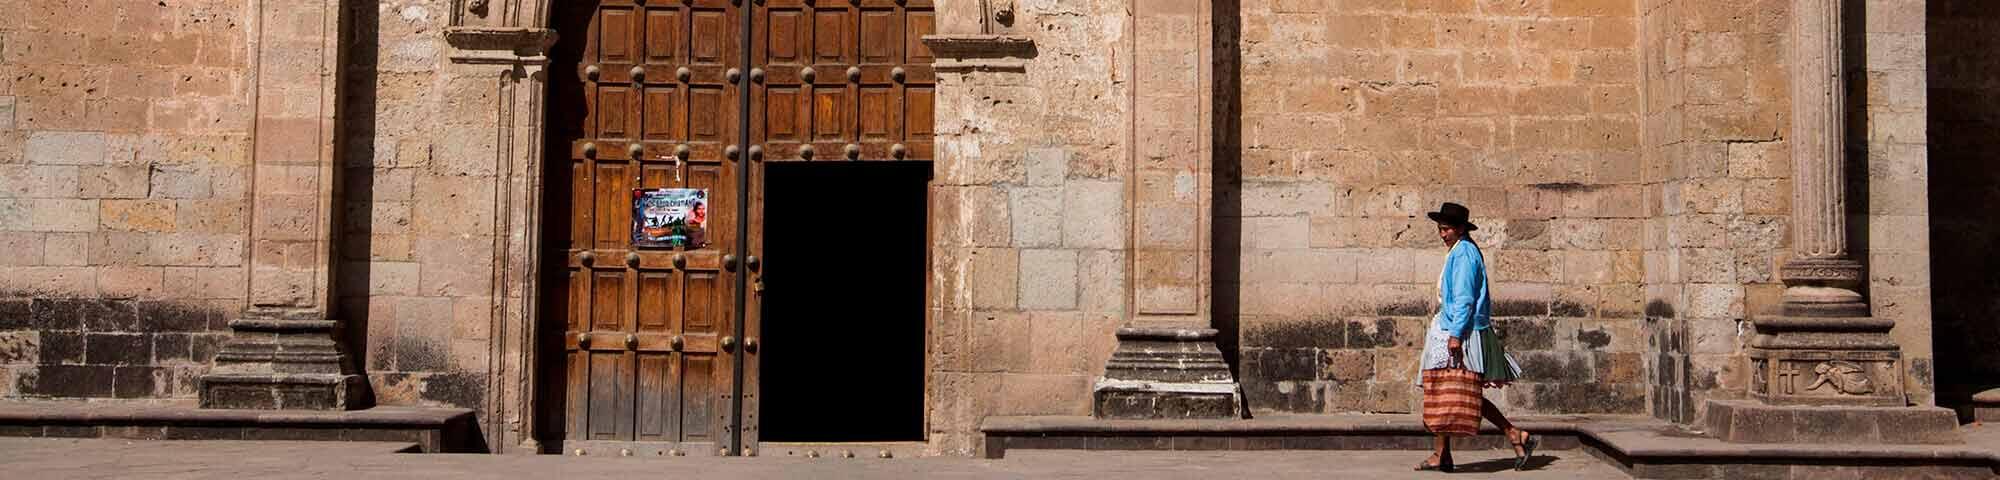 Plaza de armas y templo de San Pedro